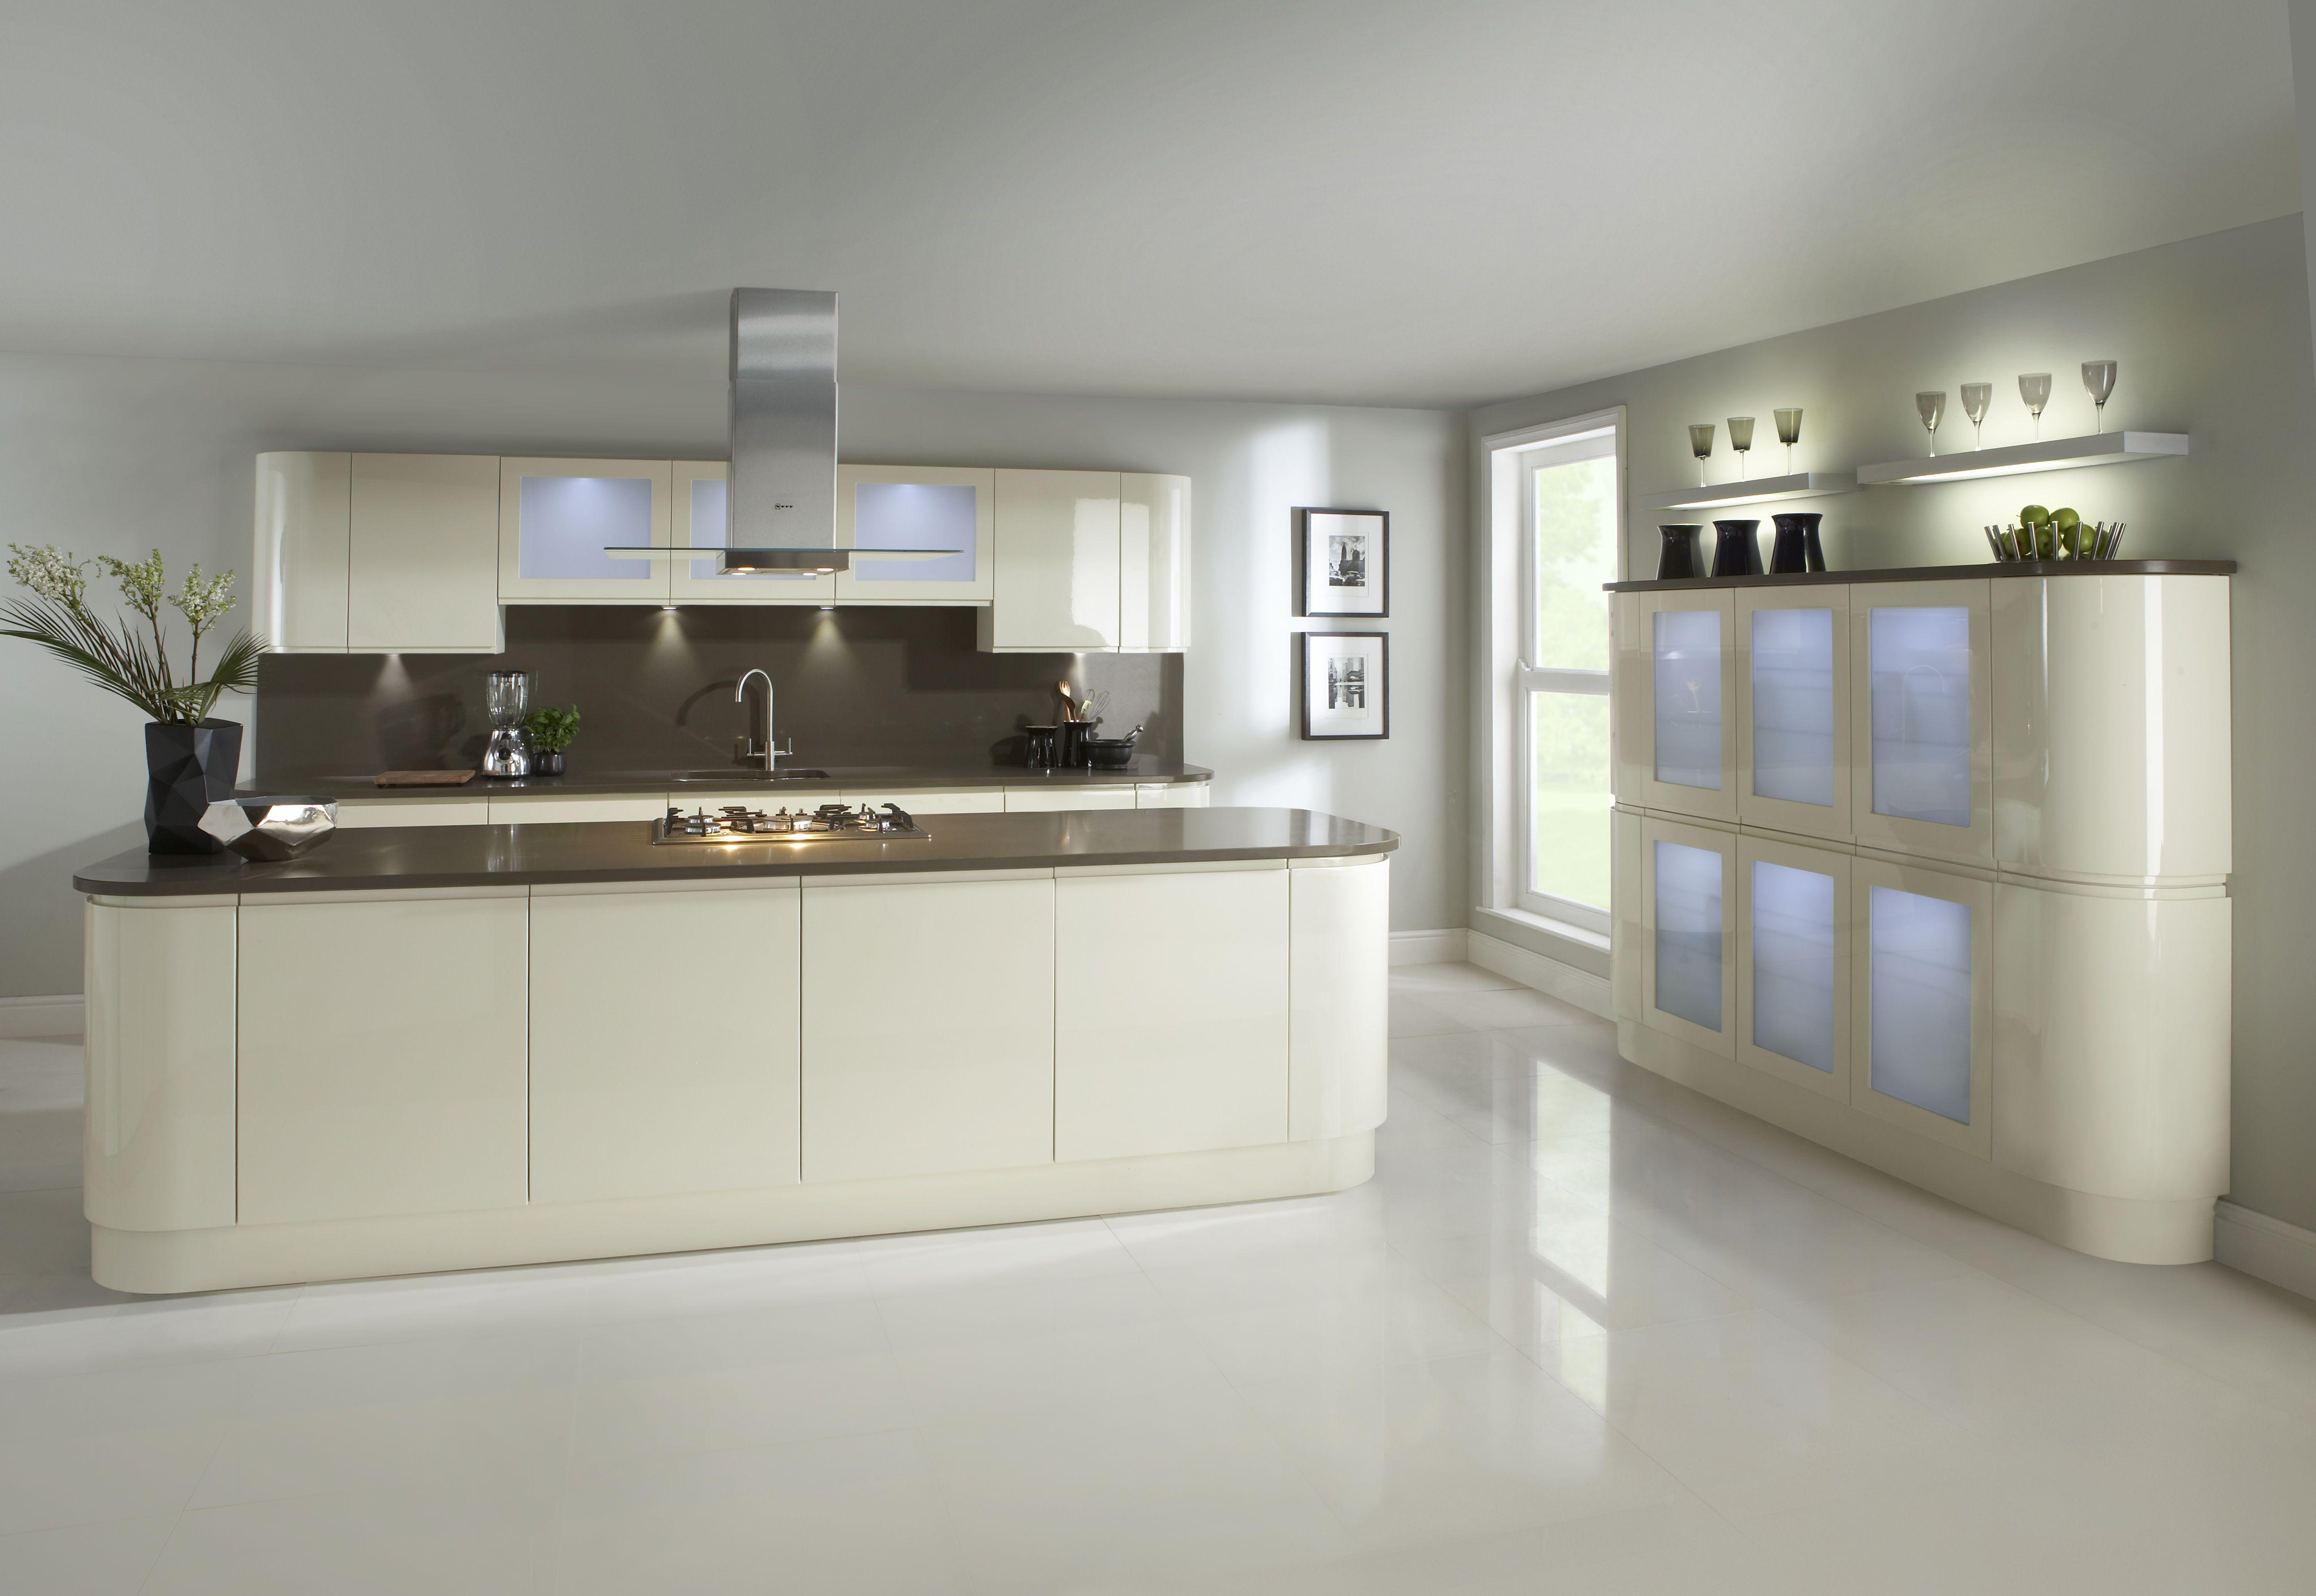 Wren Knox Kitchen Decoración hogar, Hogar, Decoración de